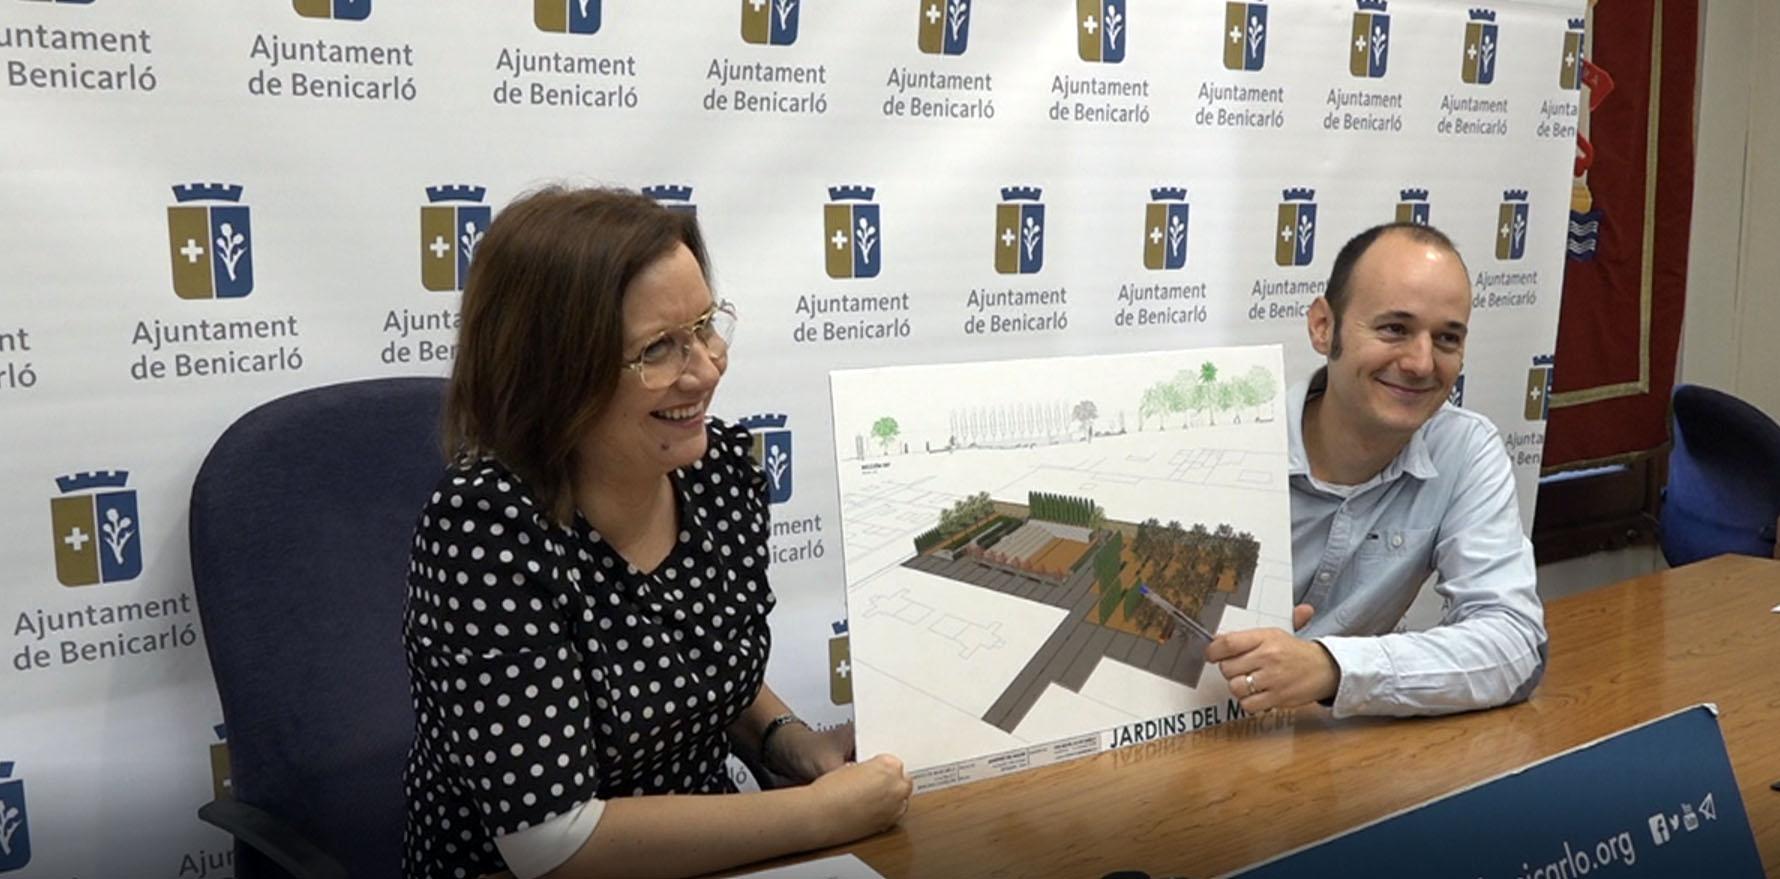 Benicarló reformarà els jardins del Mucbe per crear un nou espai cultural al municipi